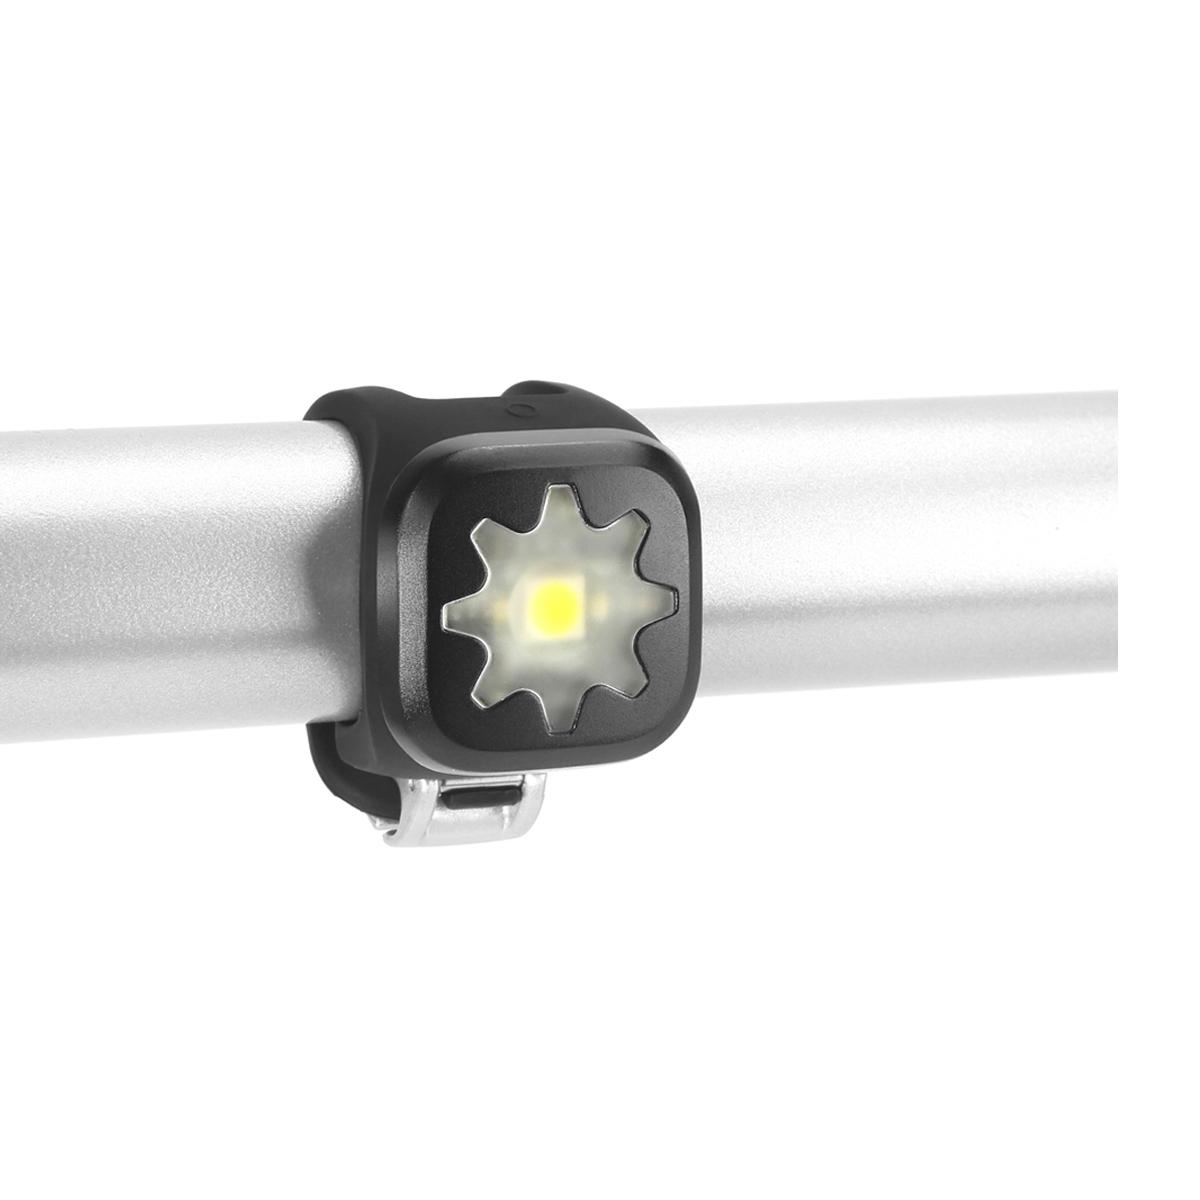 Éclairage avant Knog Blinder étoile 1 LED - Noir